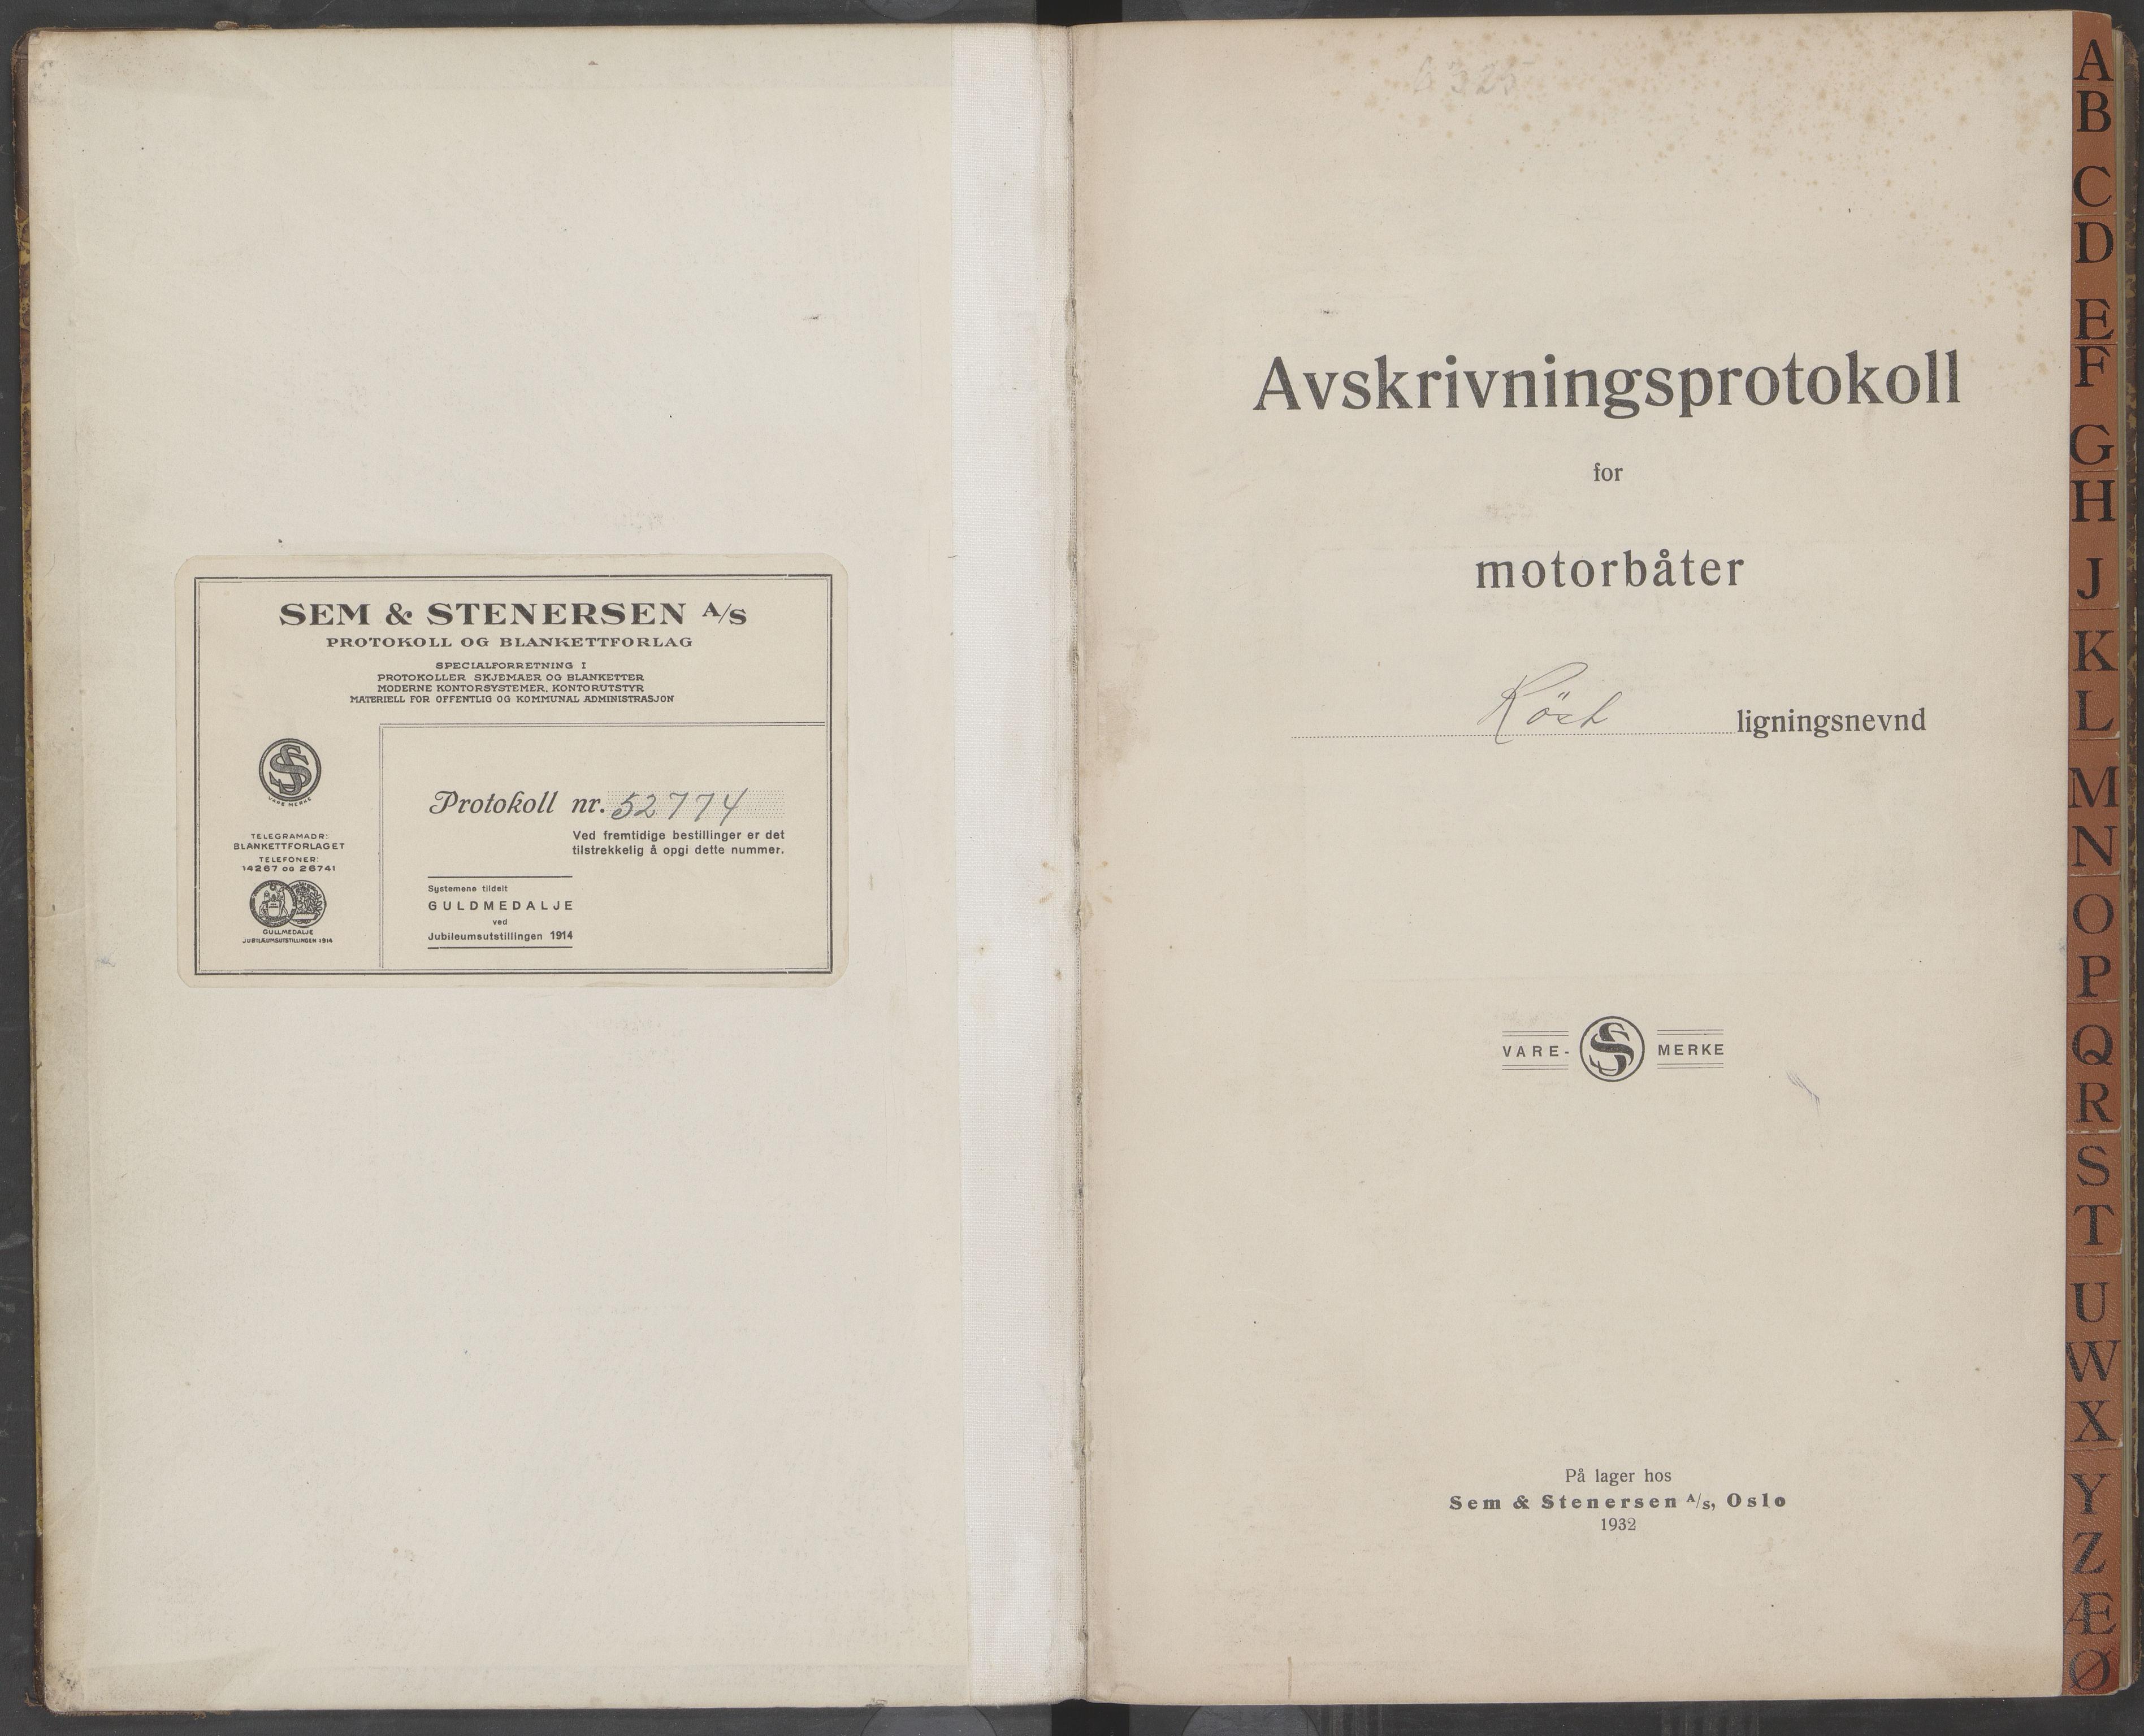 AIN, Røst ligningsnemnd avskrivningsprotokoll motorbåter 1930 - 1957, 1930-1957